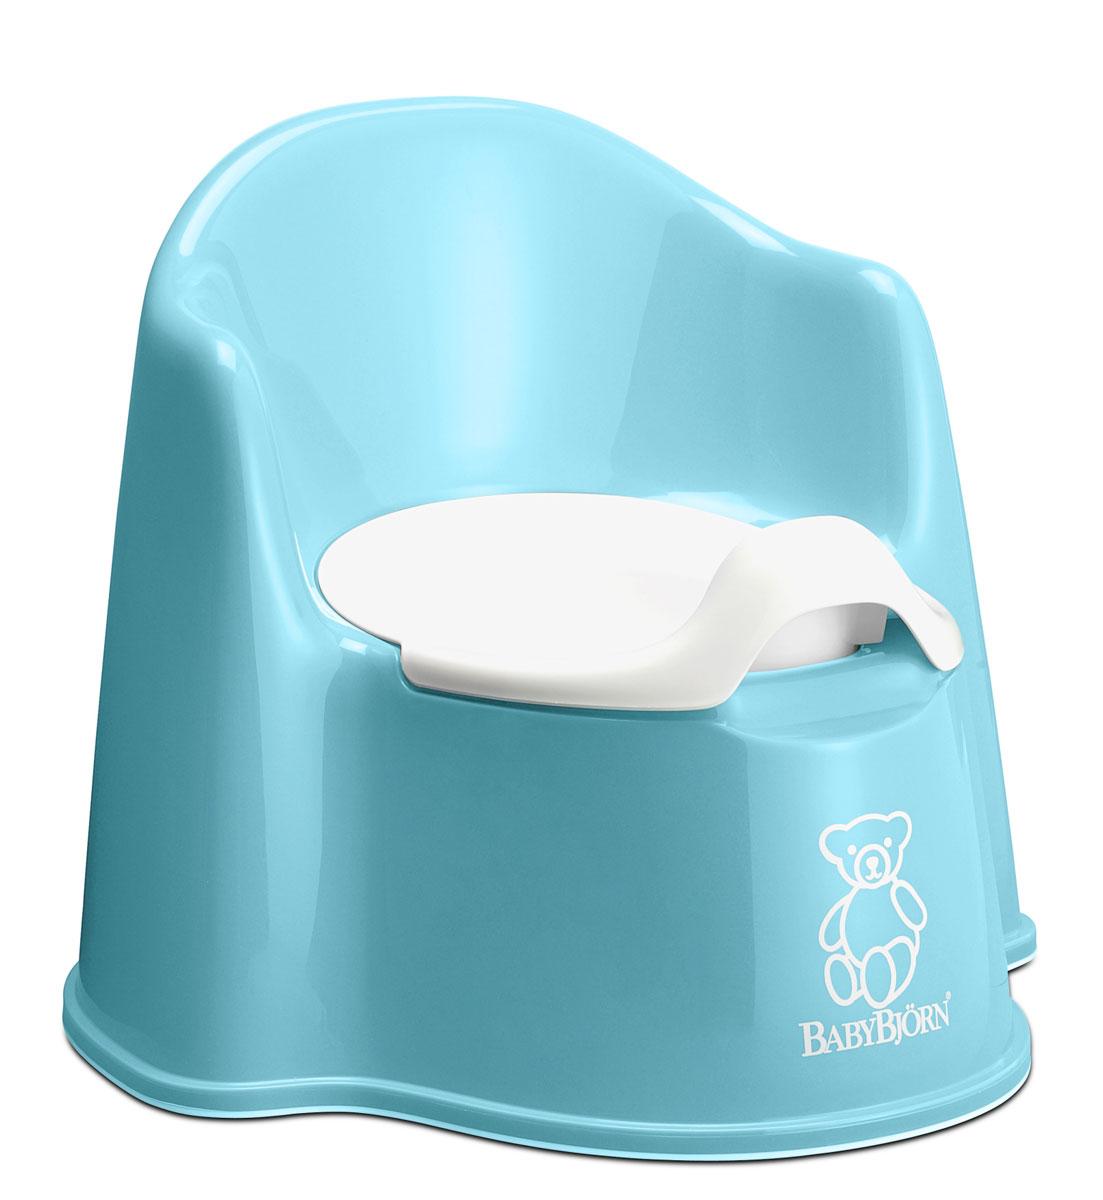 Горшок-кресло  BabyBjorn , цвет: бирюзовый -  Горшки и адаптеры для унитаза